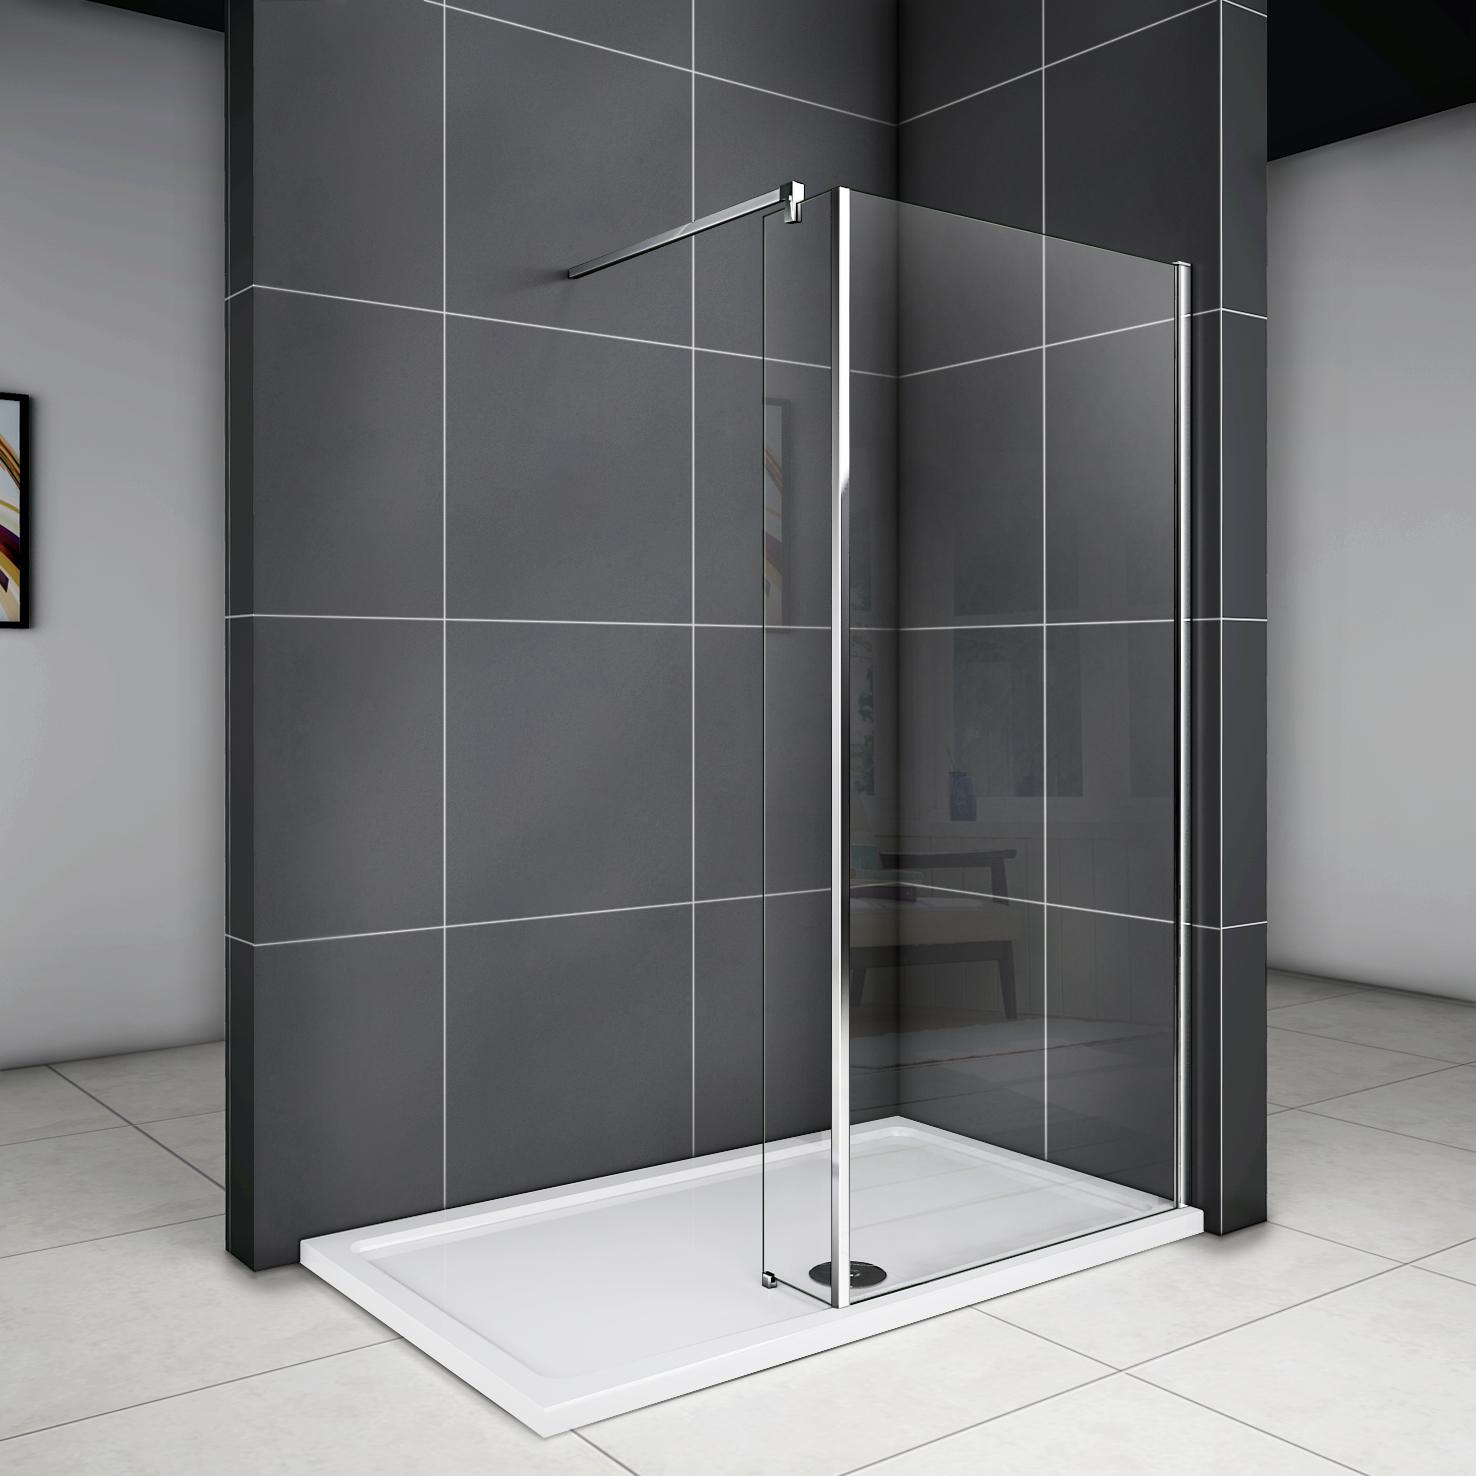 walk in dusche duschabtrennung duschwand duschkabine mit nanobeschichtung wa 205 ebay. Black Bedroom Furniture Sets. Home Design Ideas